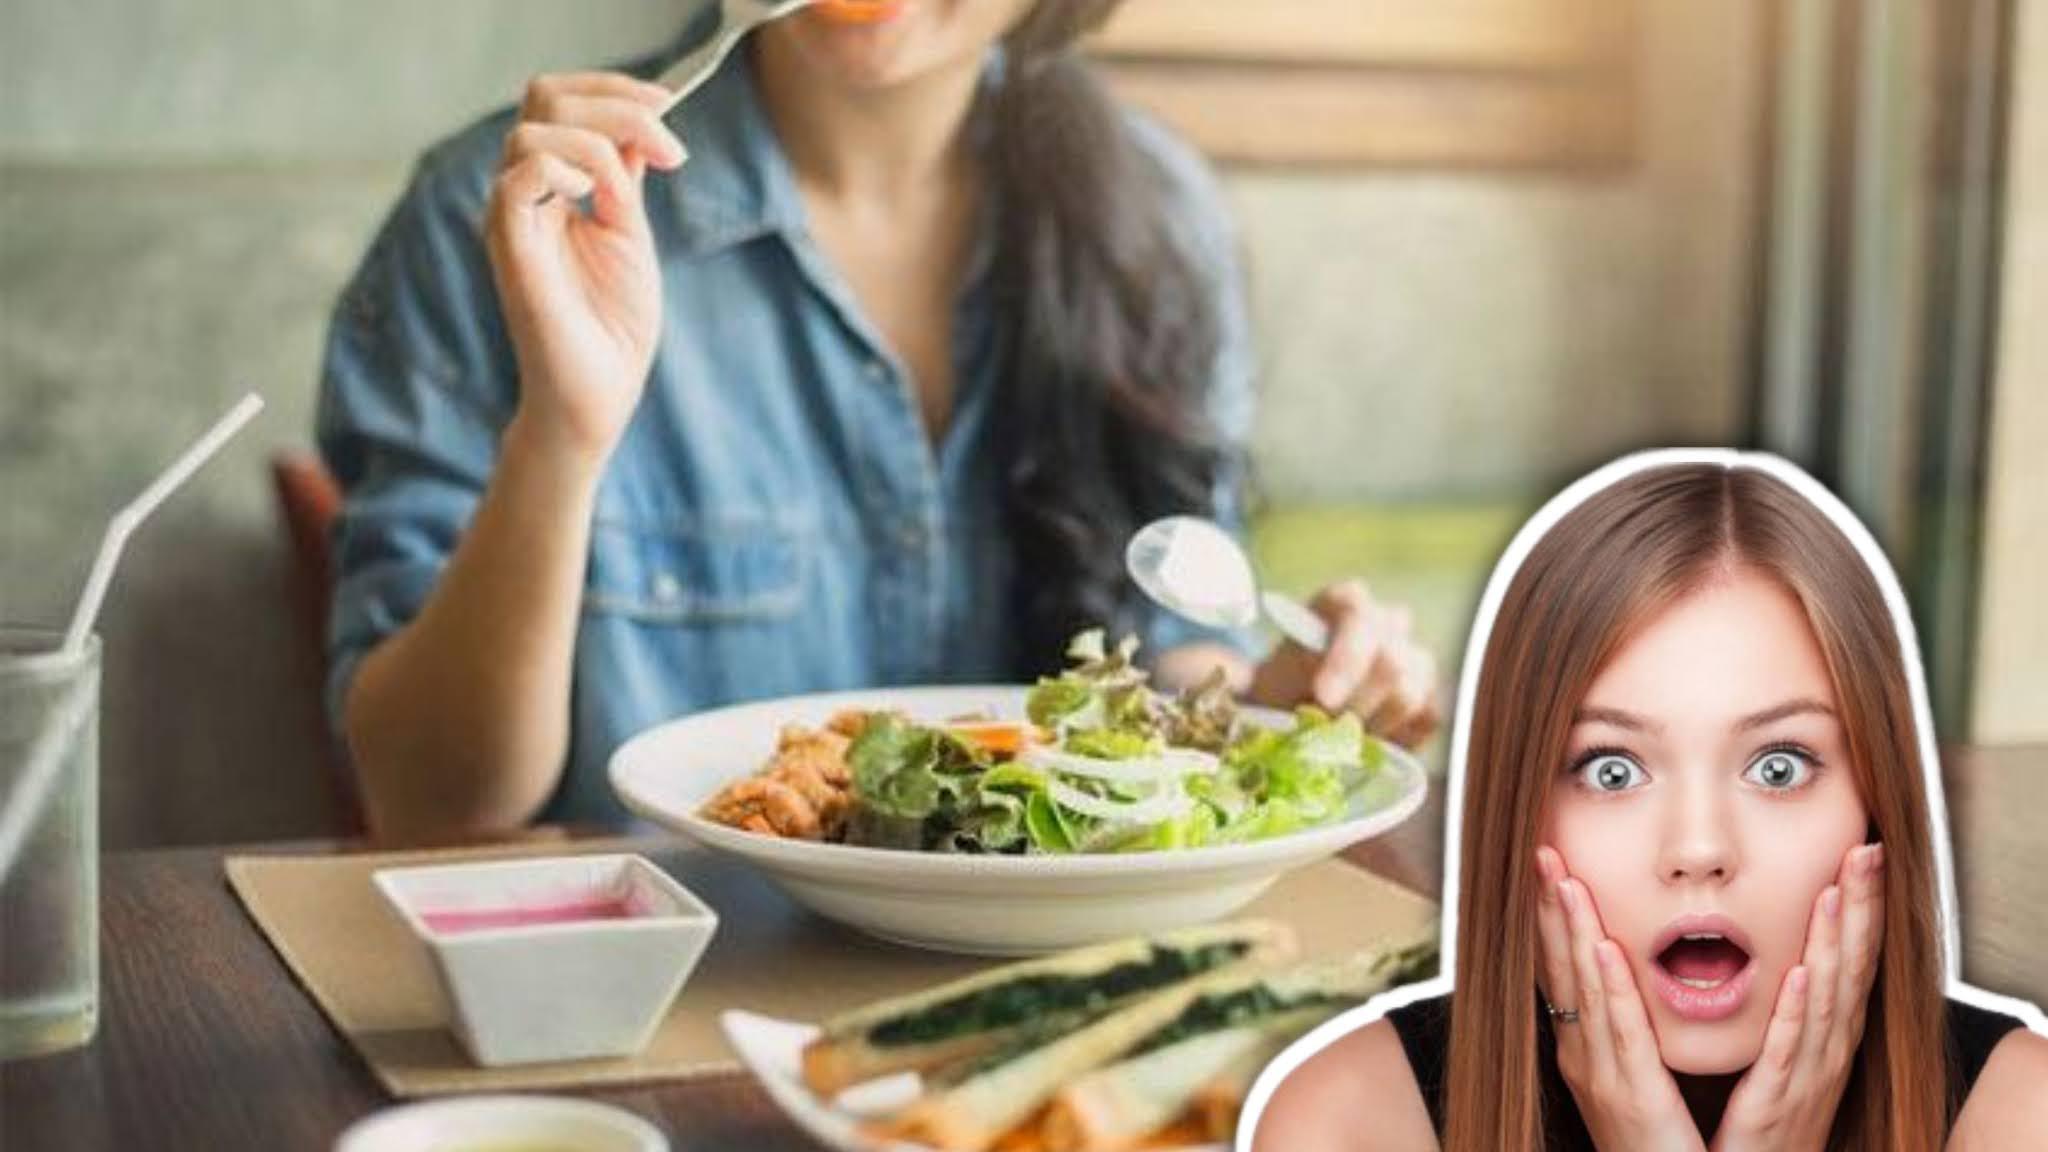 Makanan Terburuk Untuk Kesehatan Sering di Konsumsi